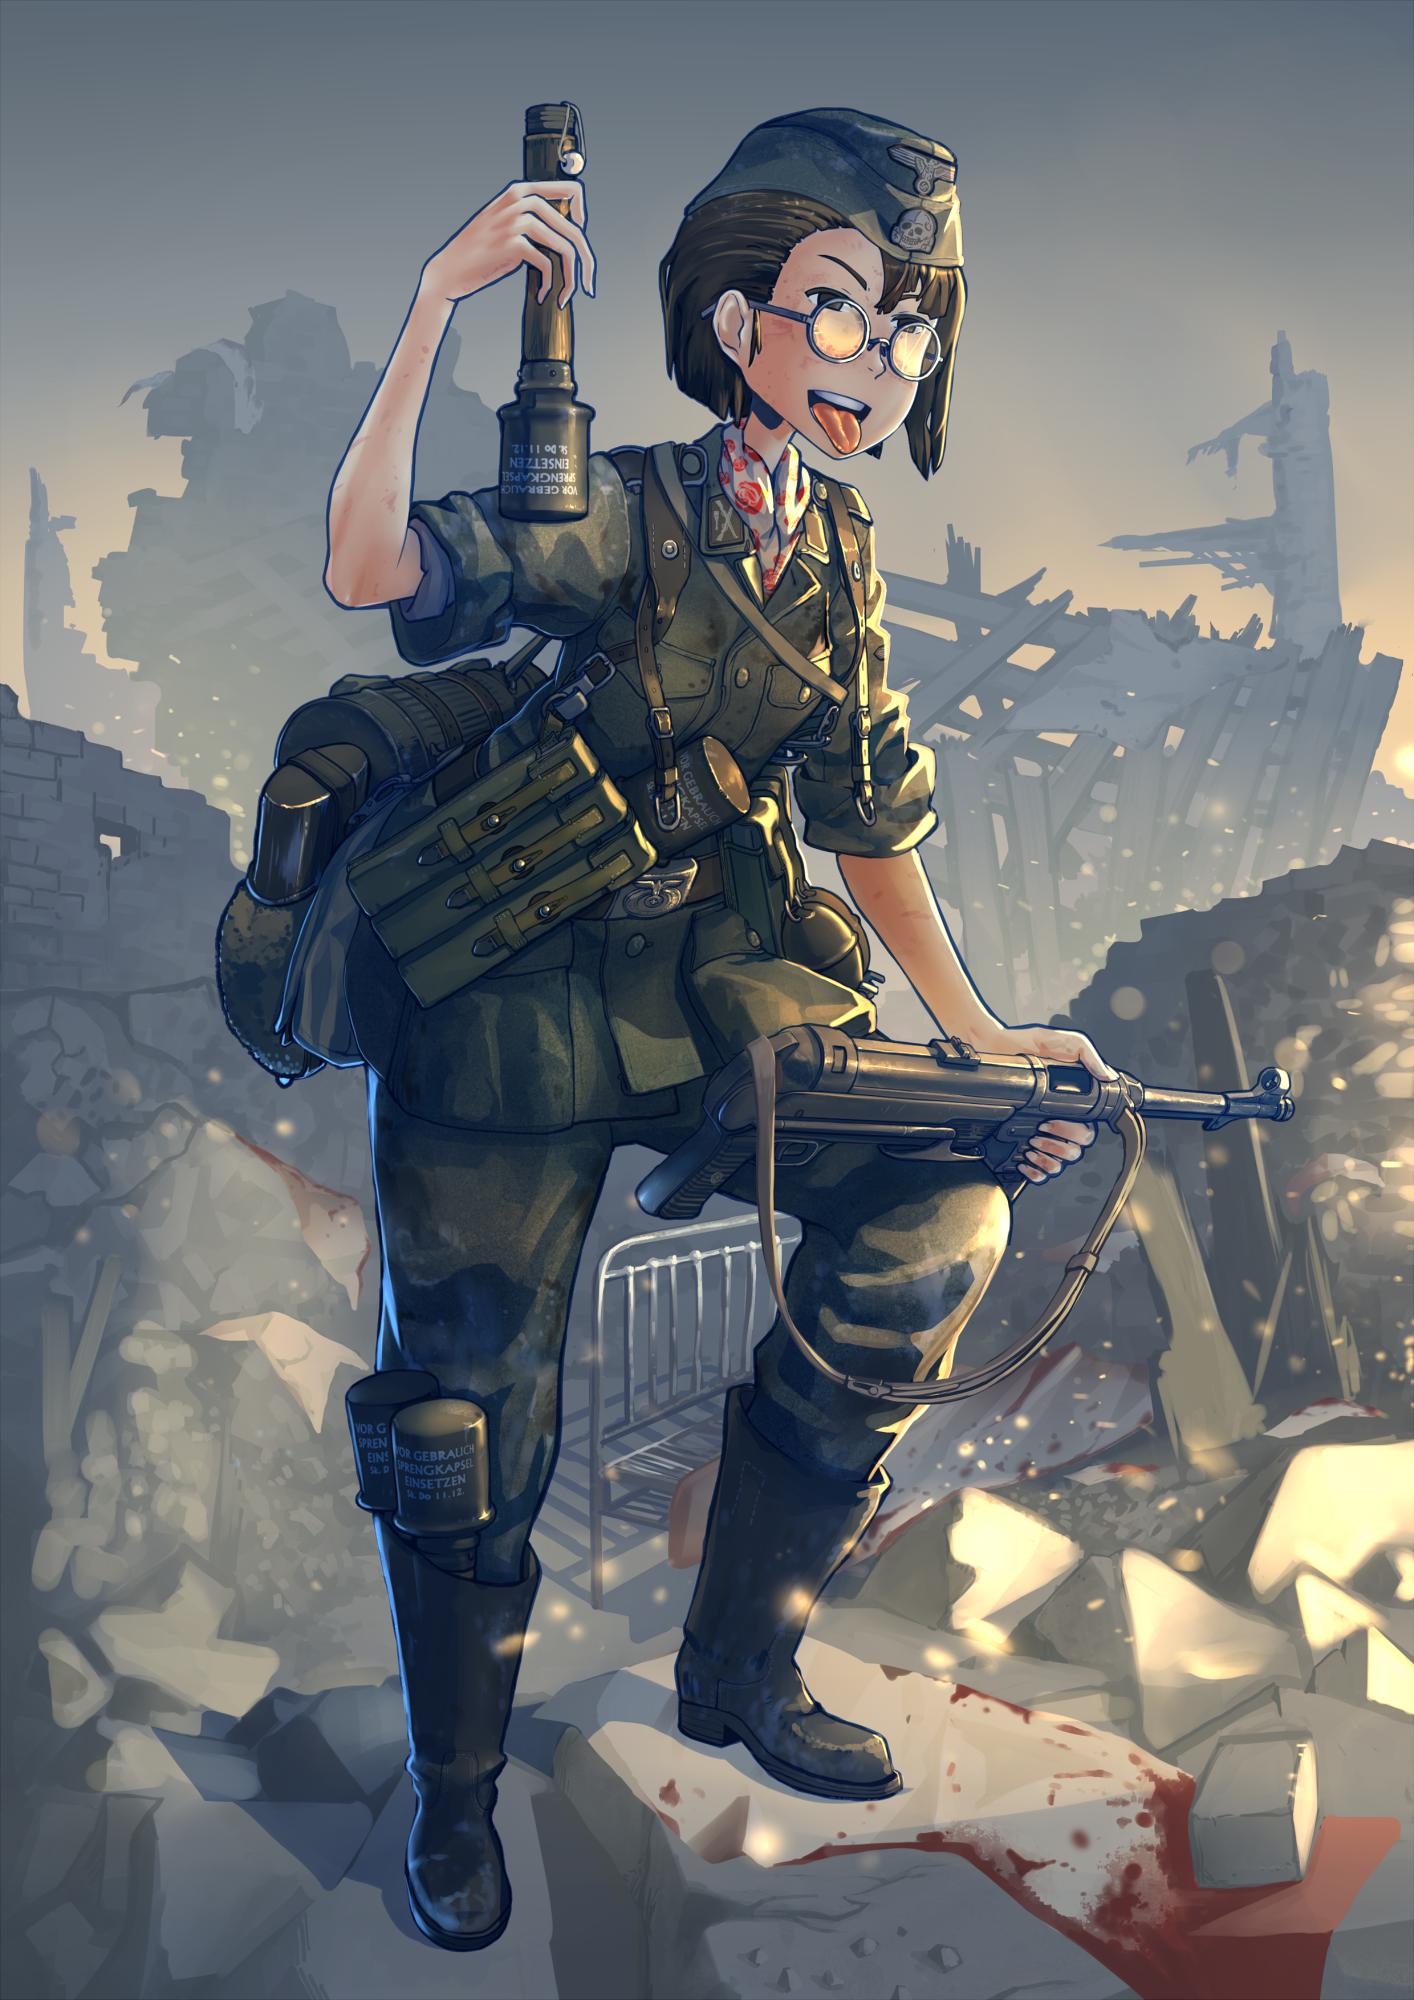 Wallpaper gun anime girls short hair glasses weapon soldier gun anime anime girls short hair glasses weapon soldier nazi blood comics uniform world war ii thecheapjerseys Choice Image